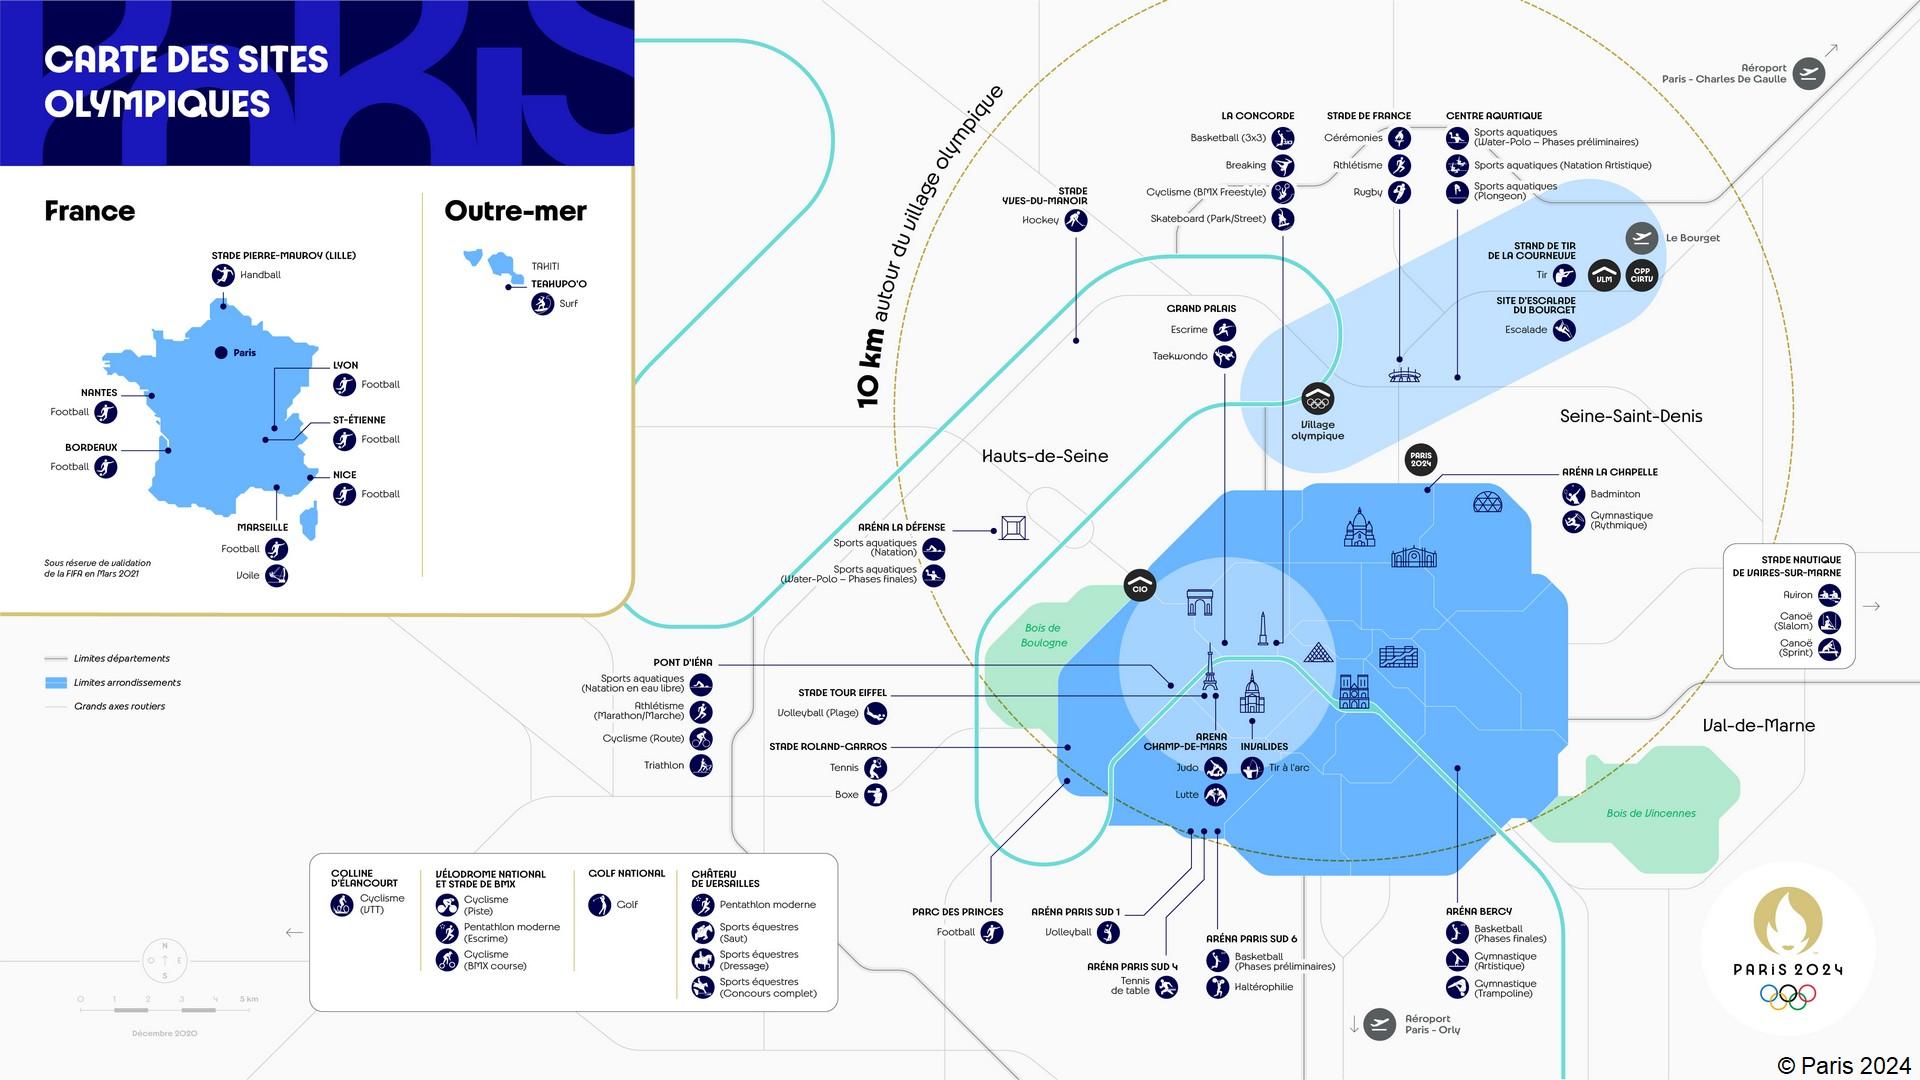 Paris 2024 – Carte des sites olympiques (décembre 2020)